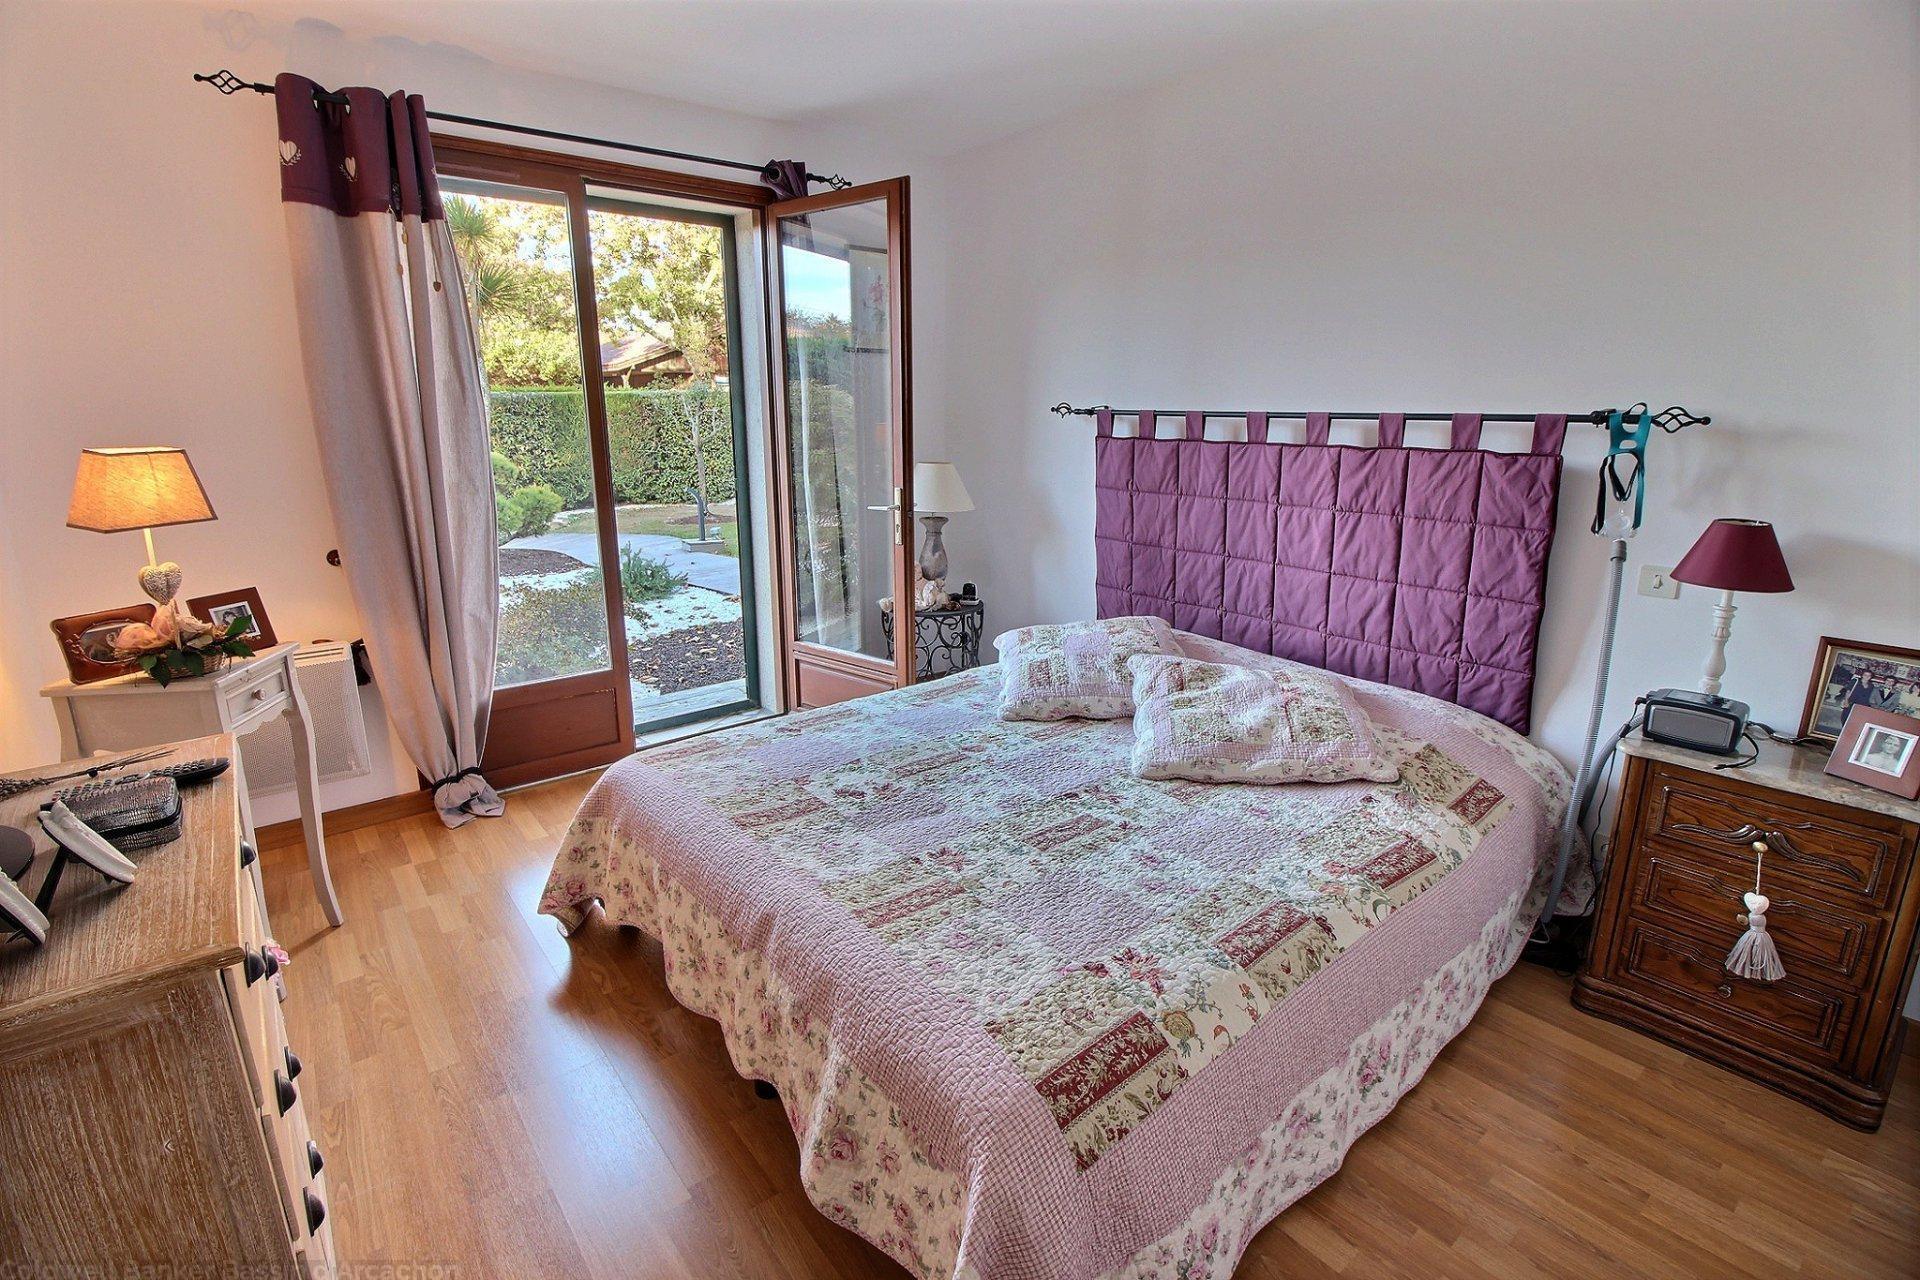 Vente maison familiale 5 chambres avec terrain et piscine basisn d arcachon